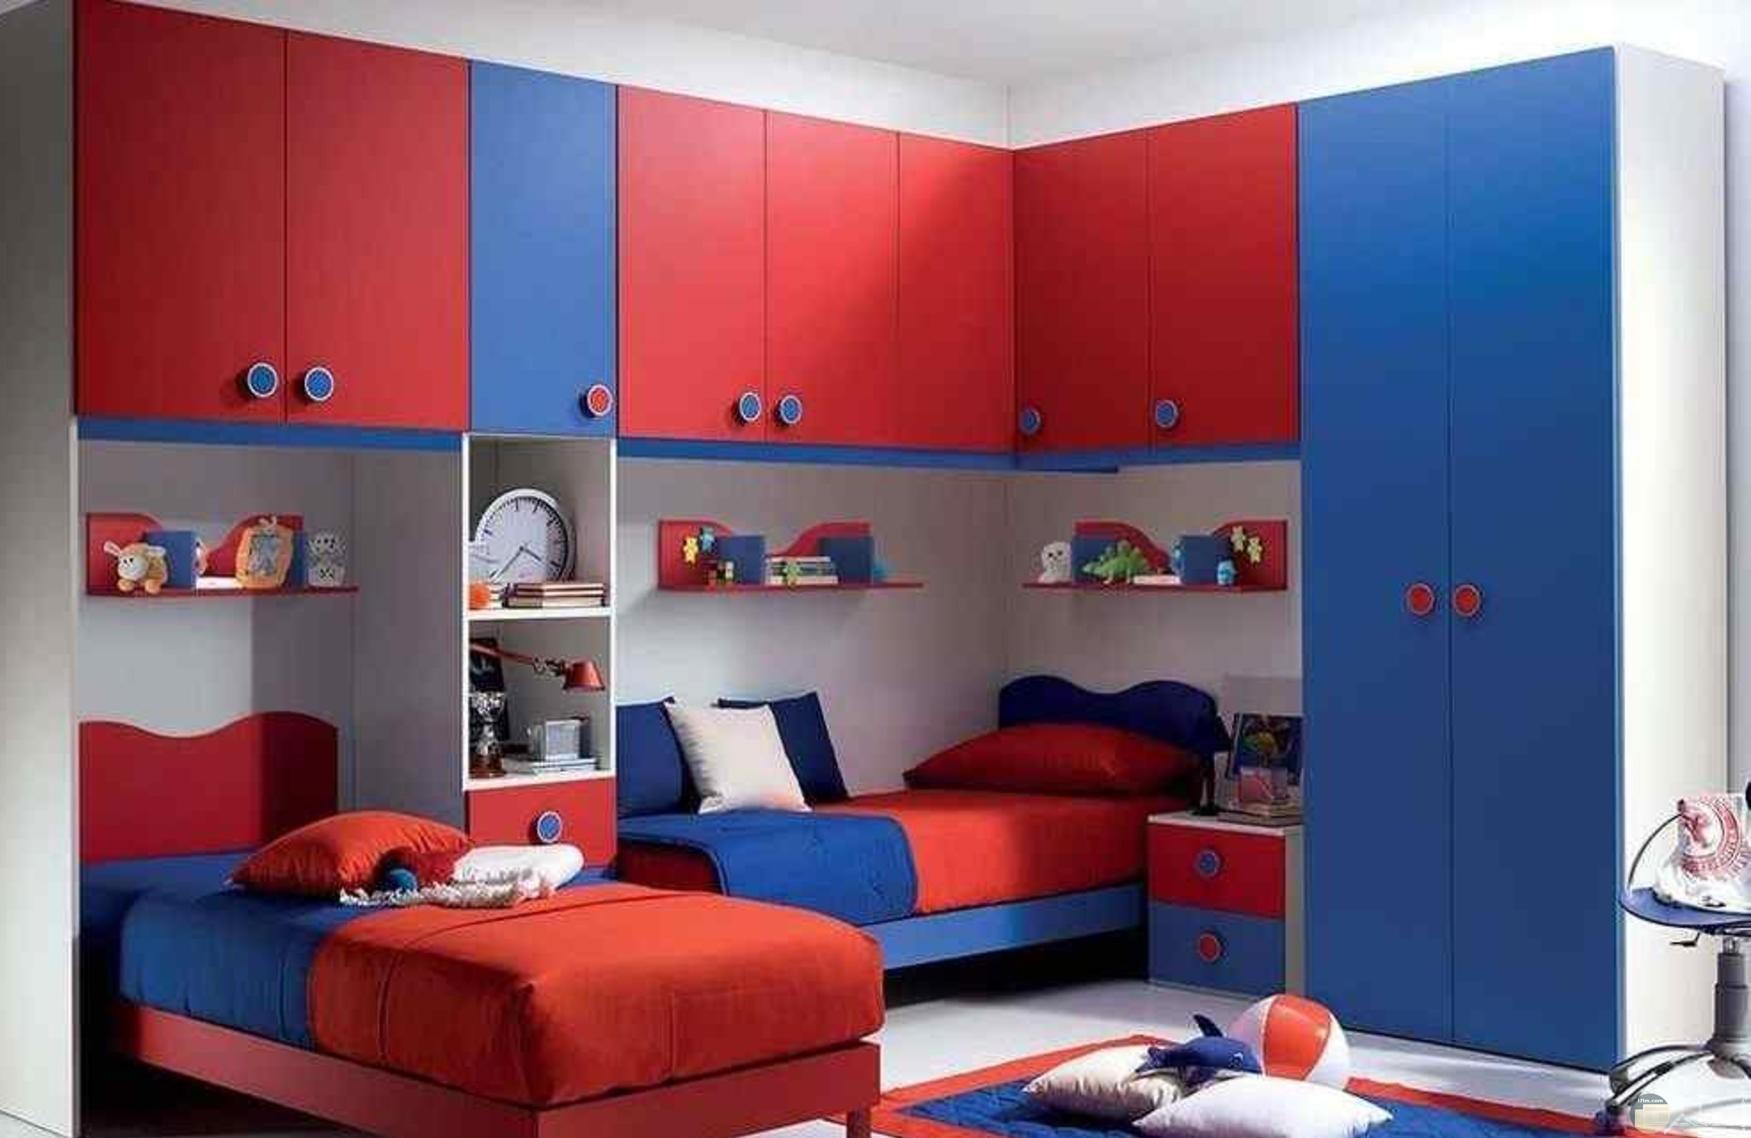 غرفة نوم أولاد ألوان أزرق وأحمر